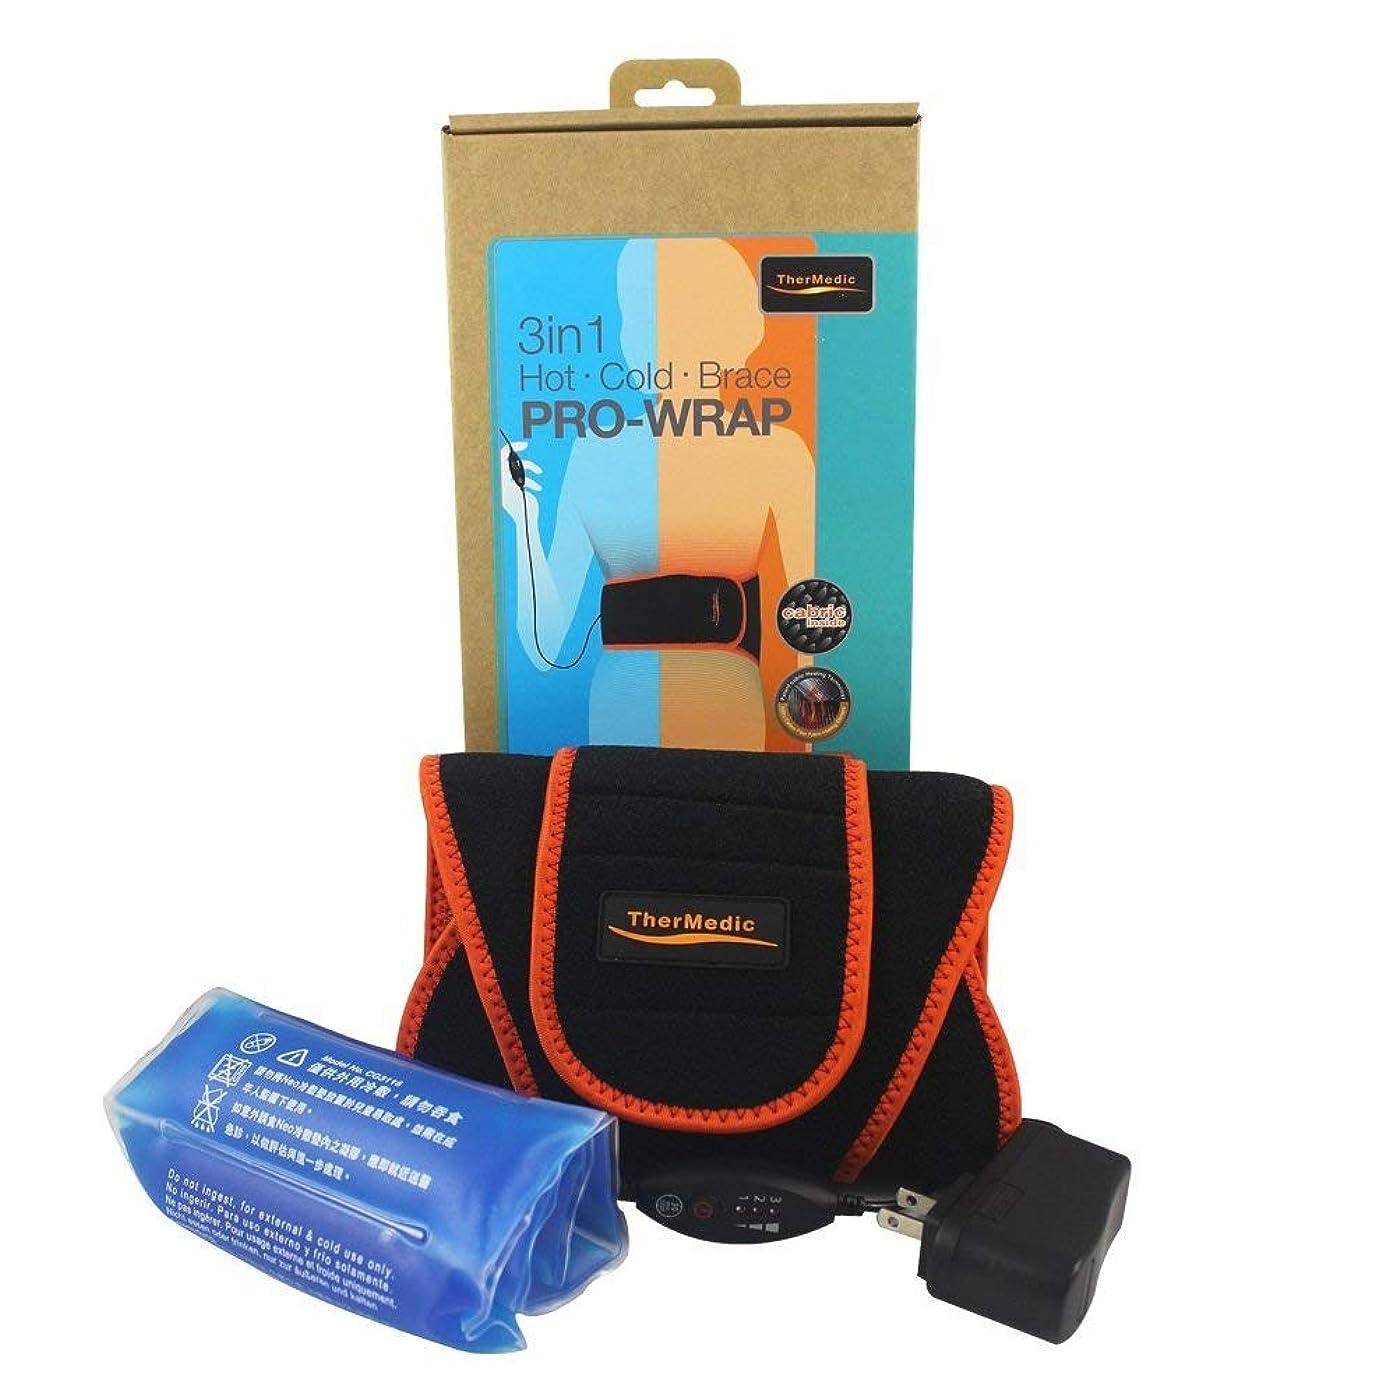 最大化するスキーム貪欲TherMedic Pro-Wrap PW140 腰用ヒーティングパッド 家庭用温熱治療器 (3種の機能付き、温冷セラピー)関節痛、筋肉痛